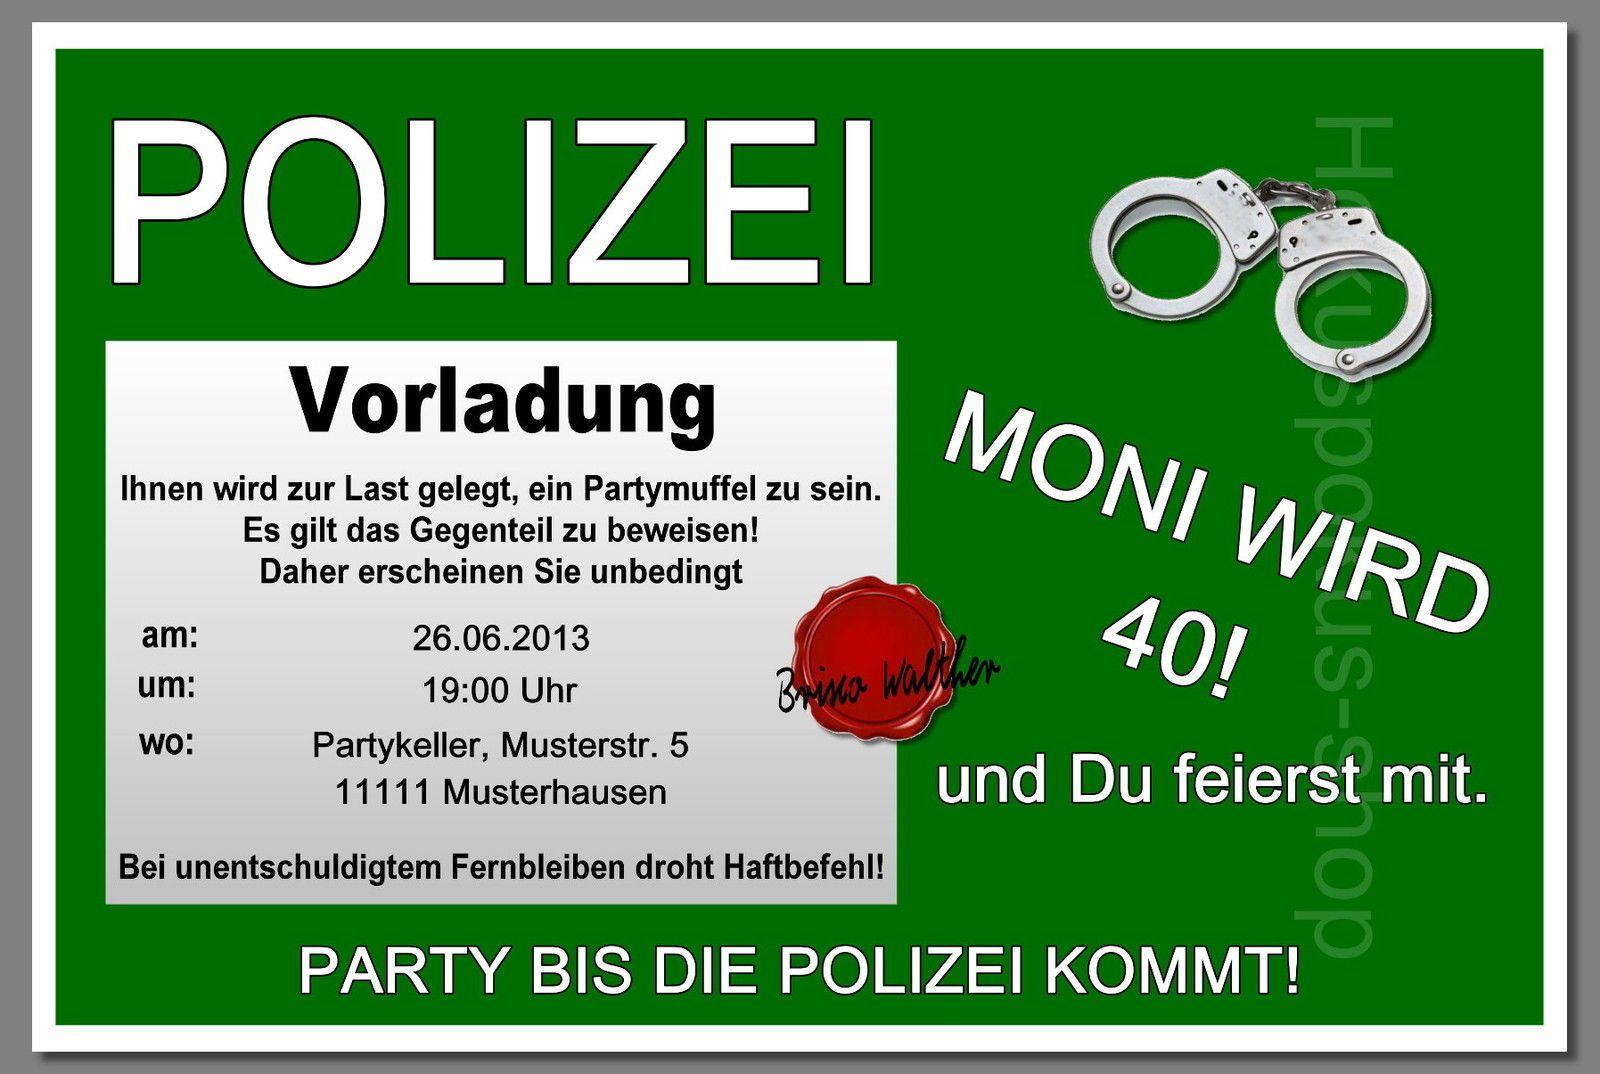 10 Einladungskarten POLIZEI Geburtstag Einladungen Geburtstagseinladung U2022  EUR 15,60